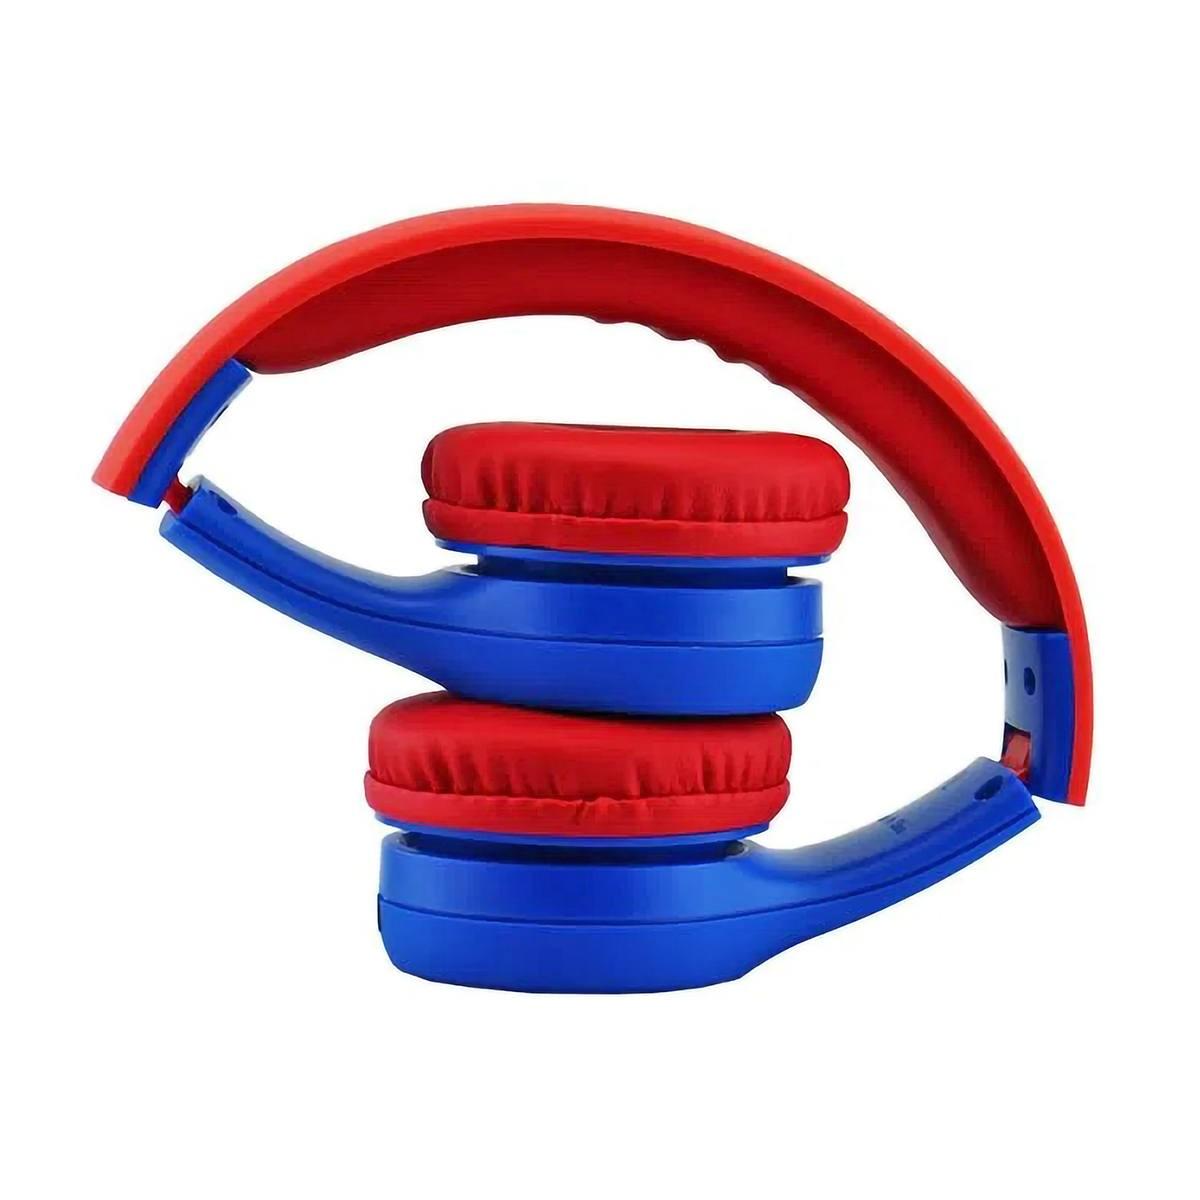 Fone de Ouvido para Criança com Limitador de Volume até 85DB Antialérgico Dobrável Cabo Removível ELG Kids Spider